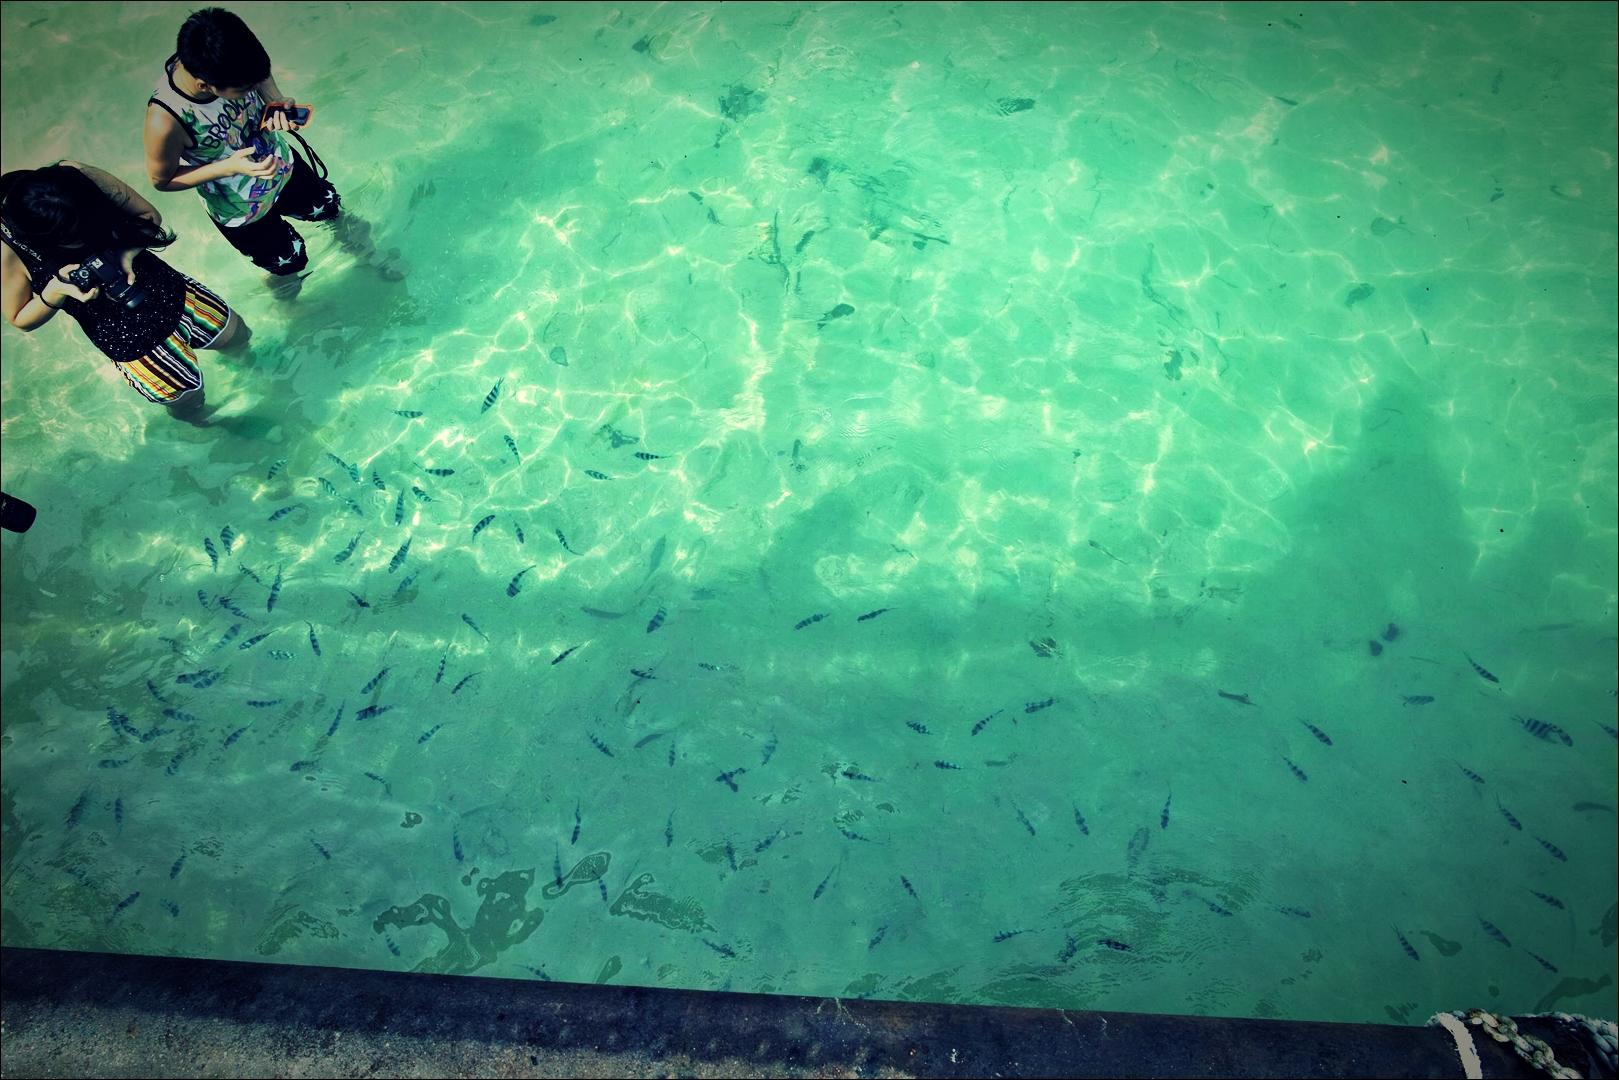 선착장 물고기-'코타키나발루 마누칸 섬 Manukan Island Kota Kinabalu'